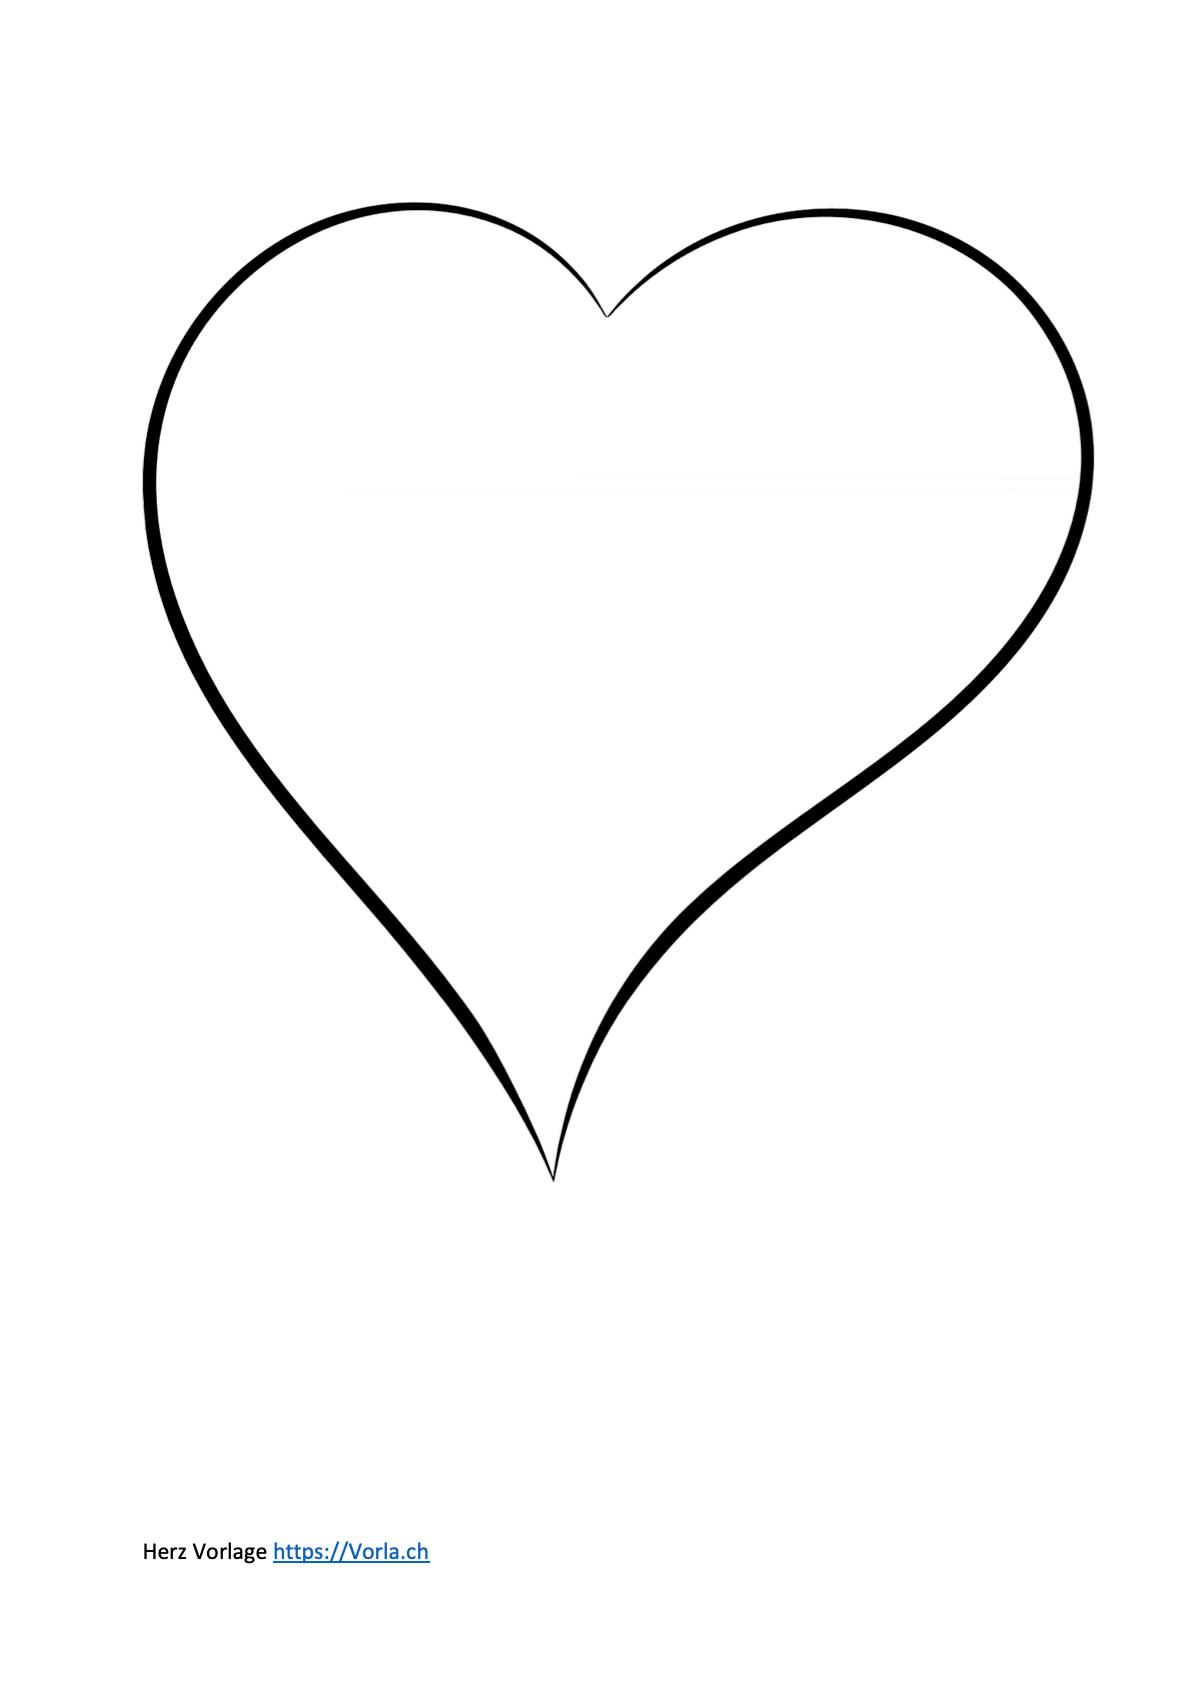 Vorlage Herzen Schablonen Vorlagen Herzschablone 6